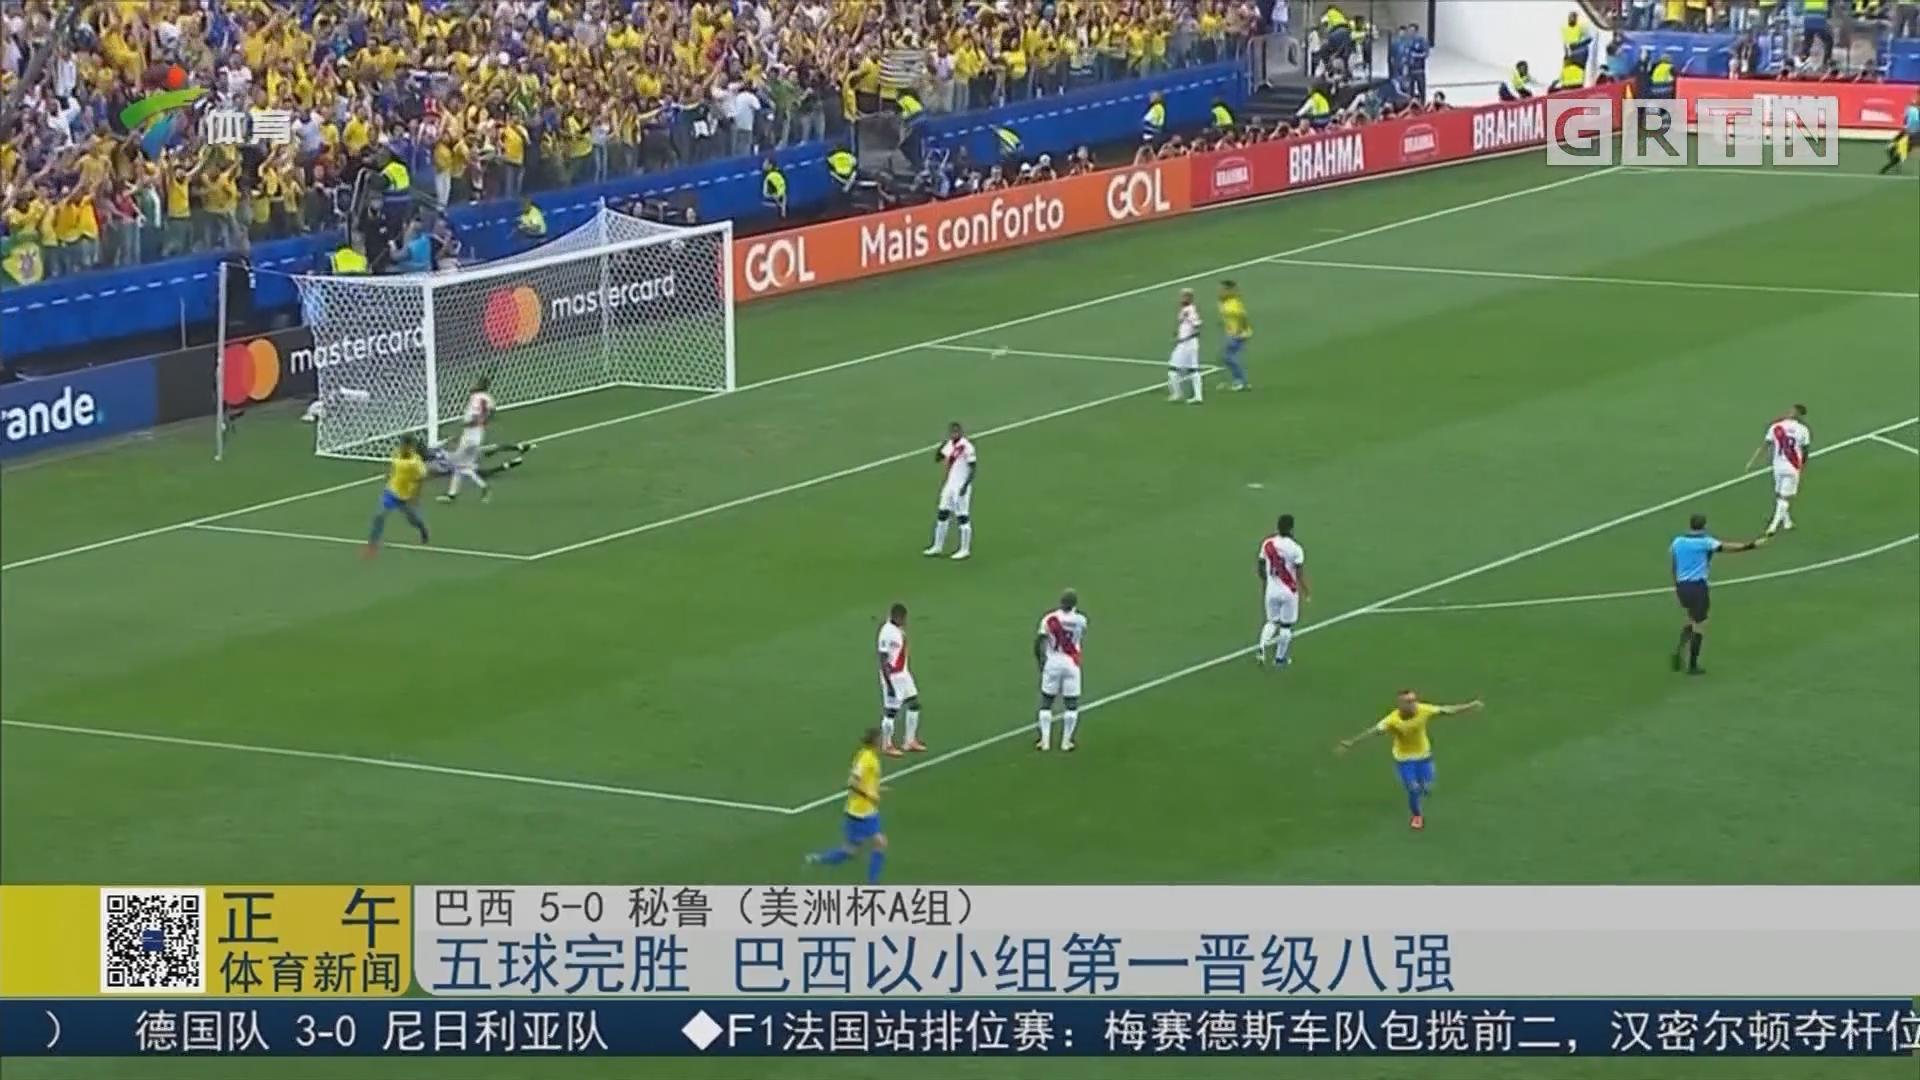 五球完胜 巴西以小组第一晋级八强